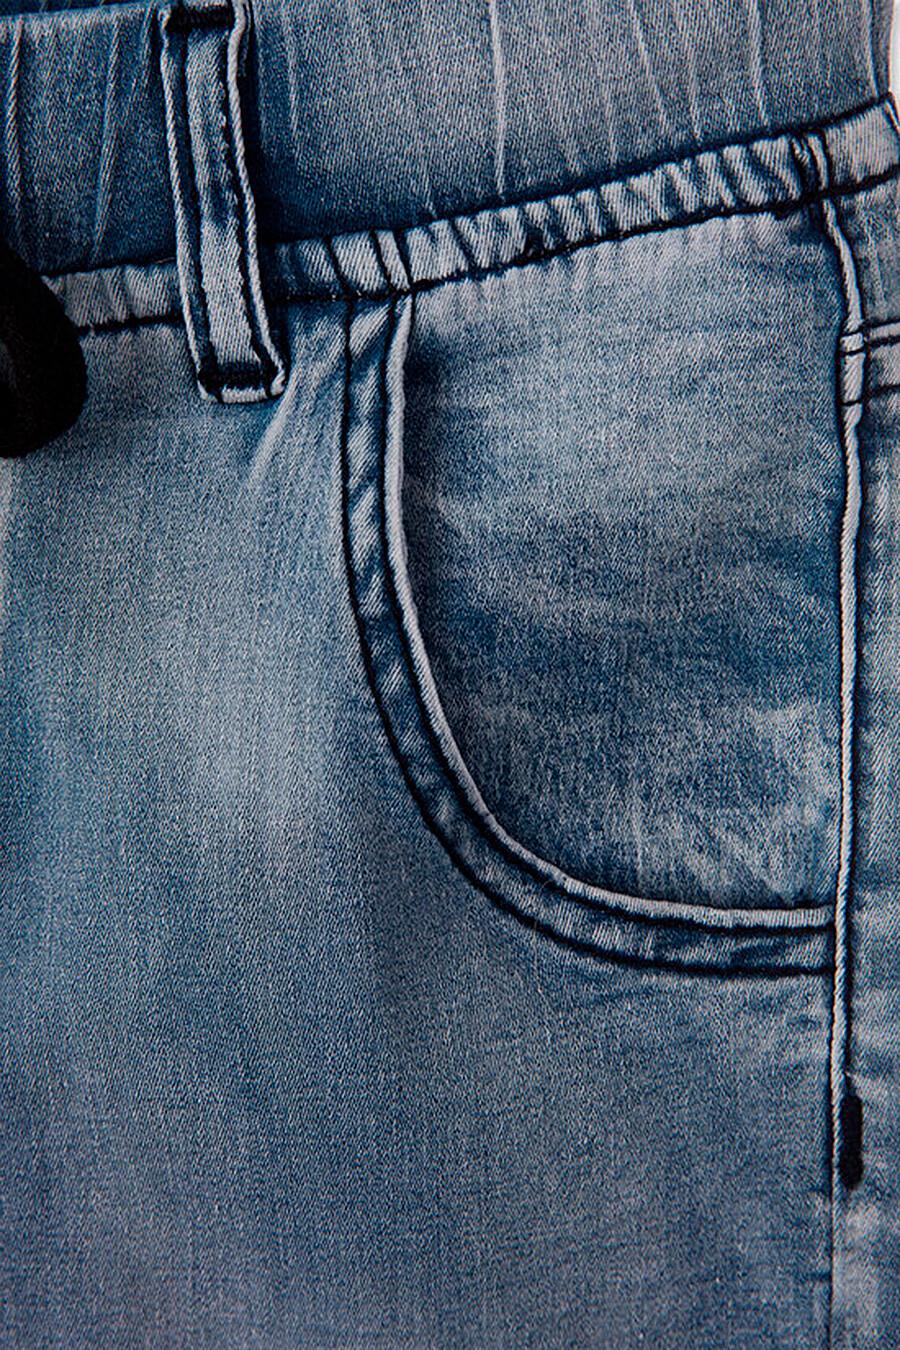 Шорты для мальчиков PLAYTODAY 289467 купить оптом от производителя. Совместная покупка детской одежды в OptMoyo